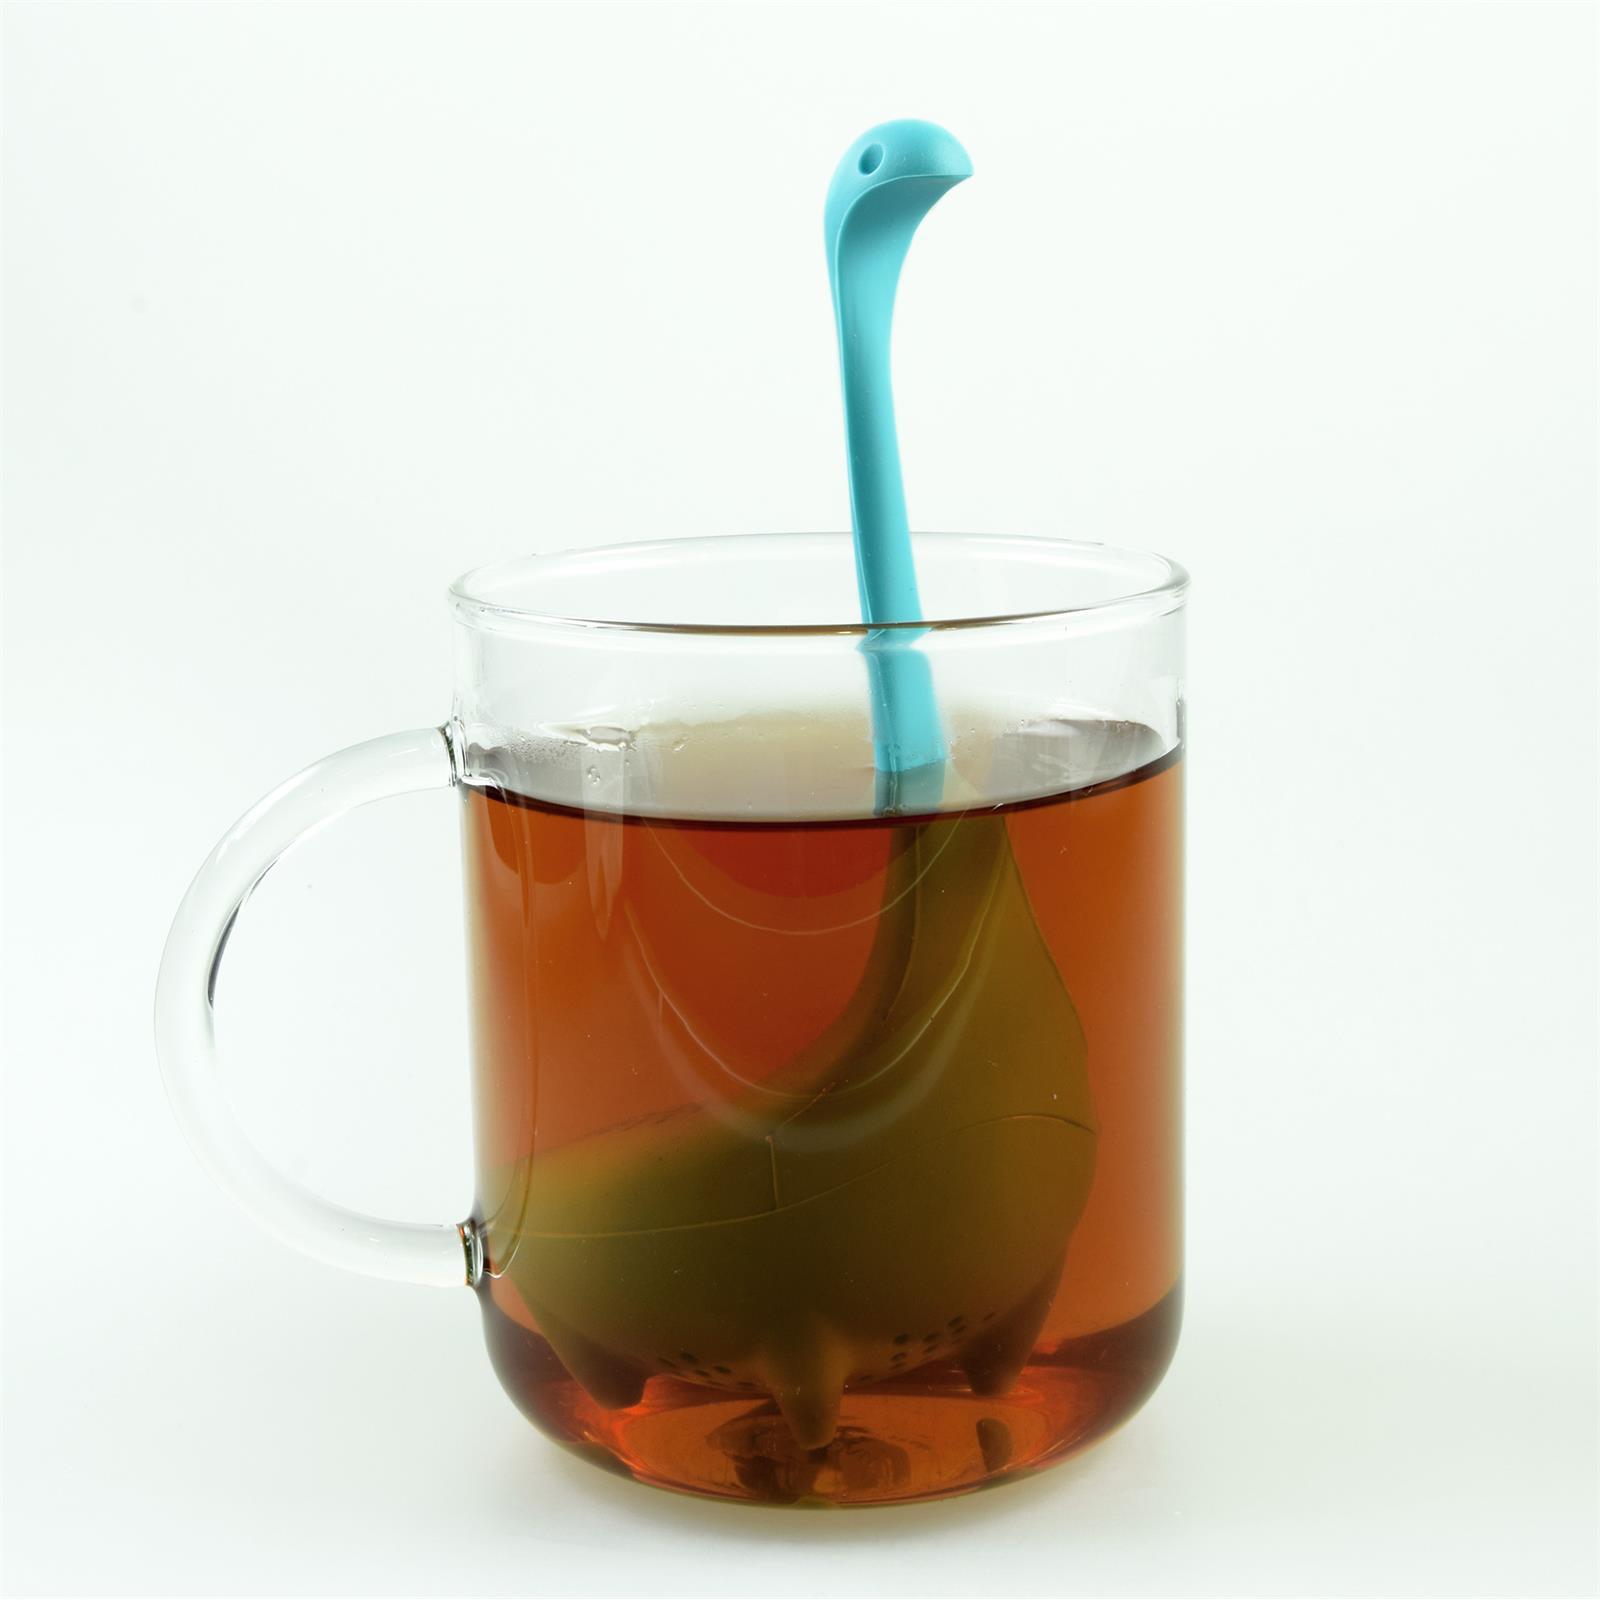 Lustiges niedliches buntes Silikon Tee Ei Sieb Kugel Filter Ball Figur loser Tee 3